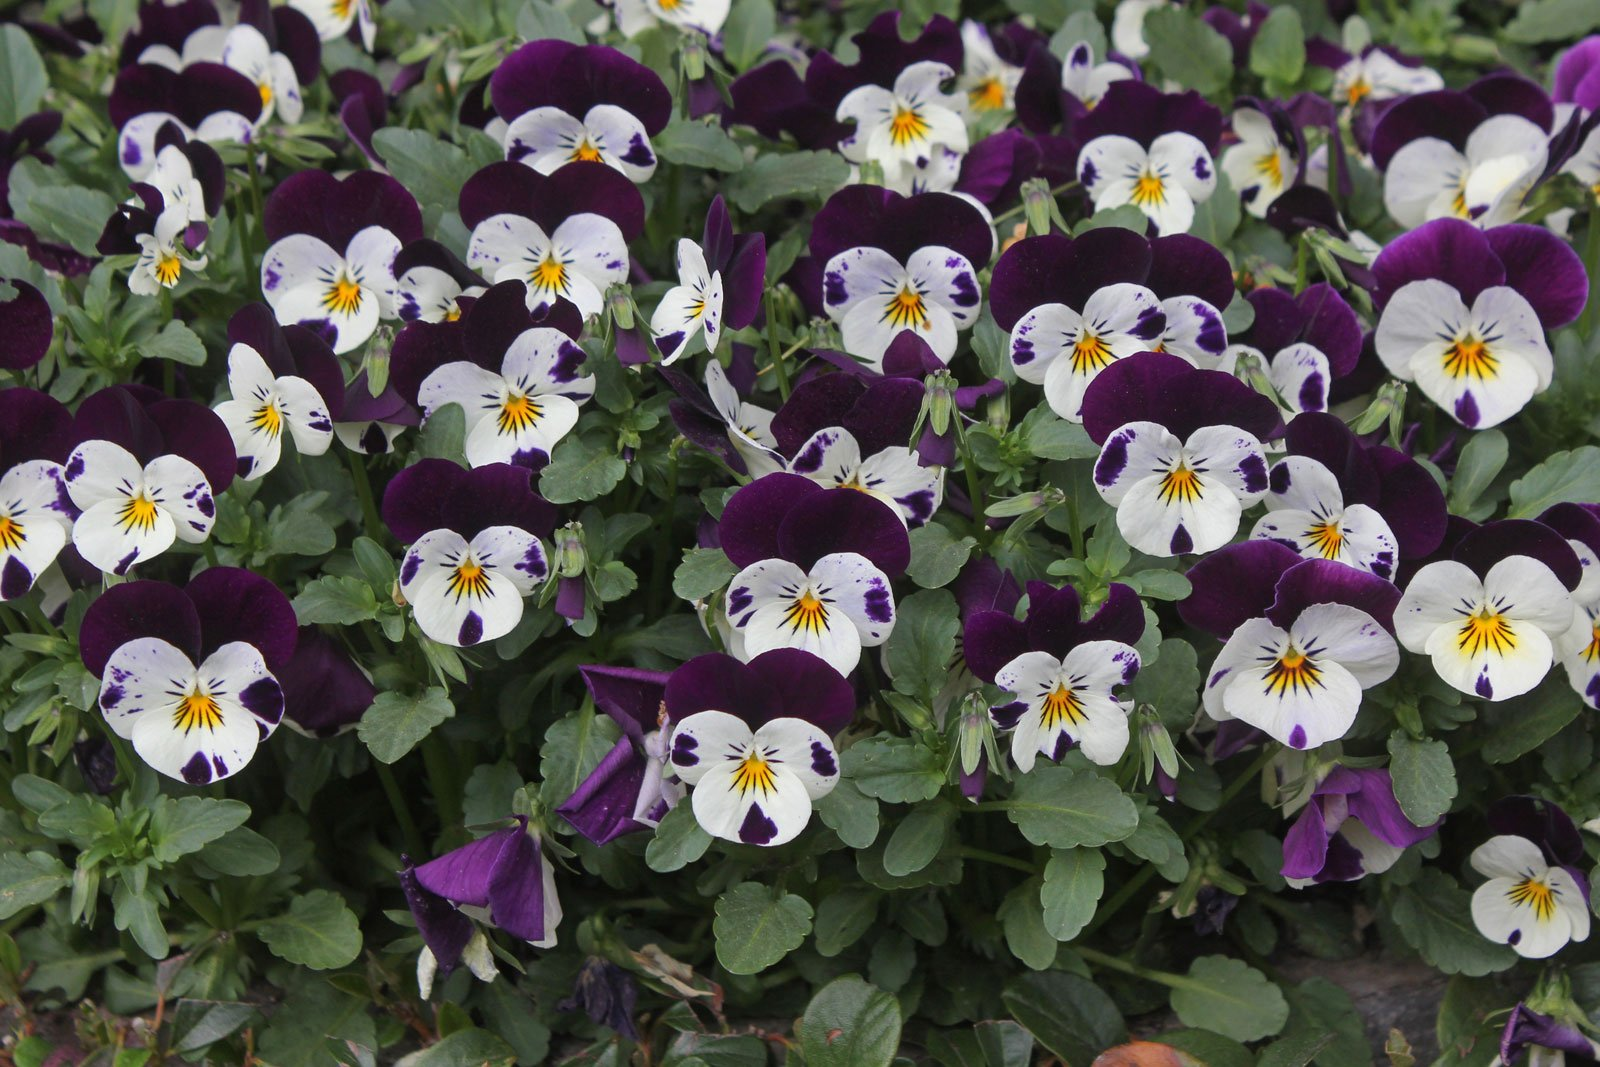 Viola cornuta